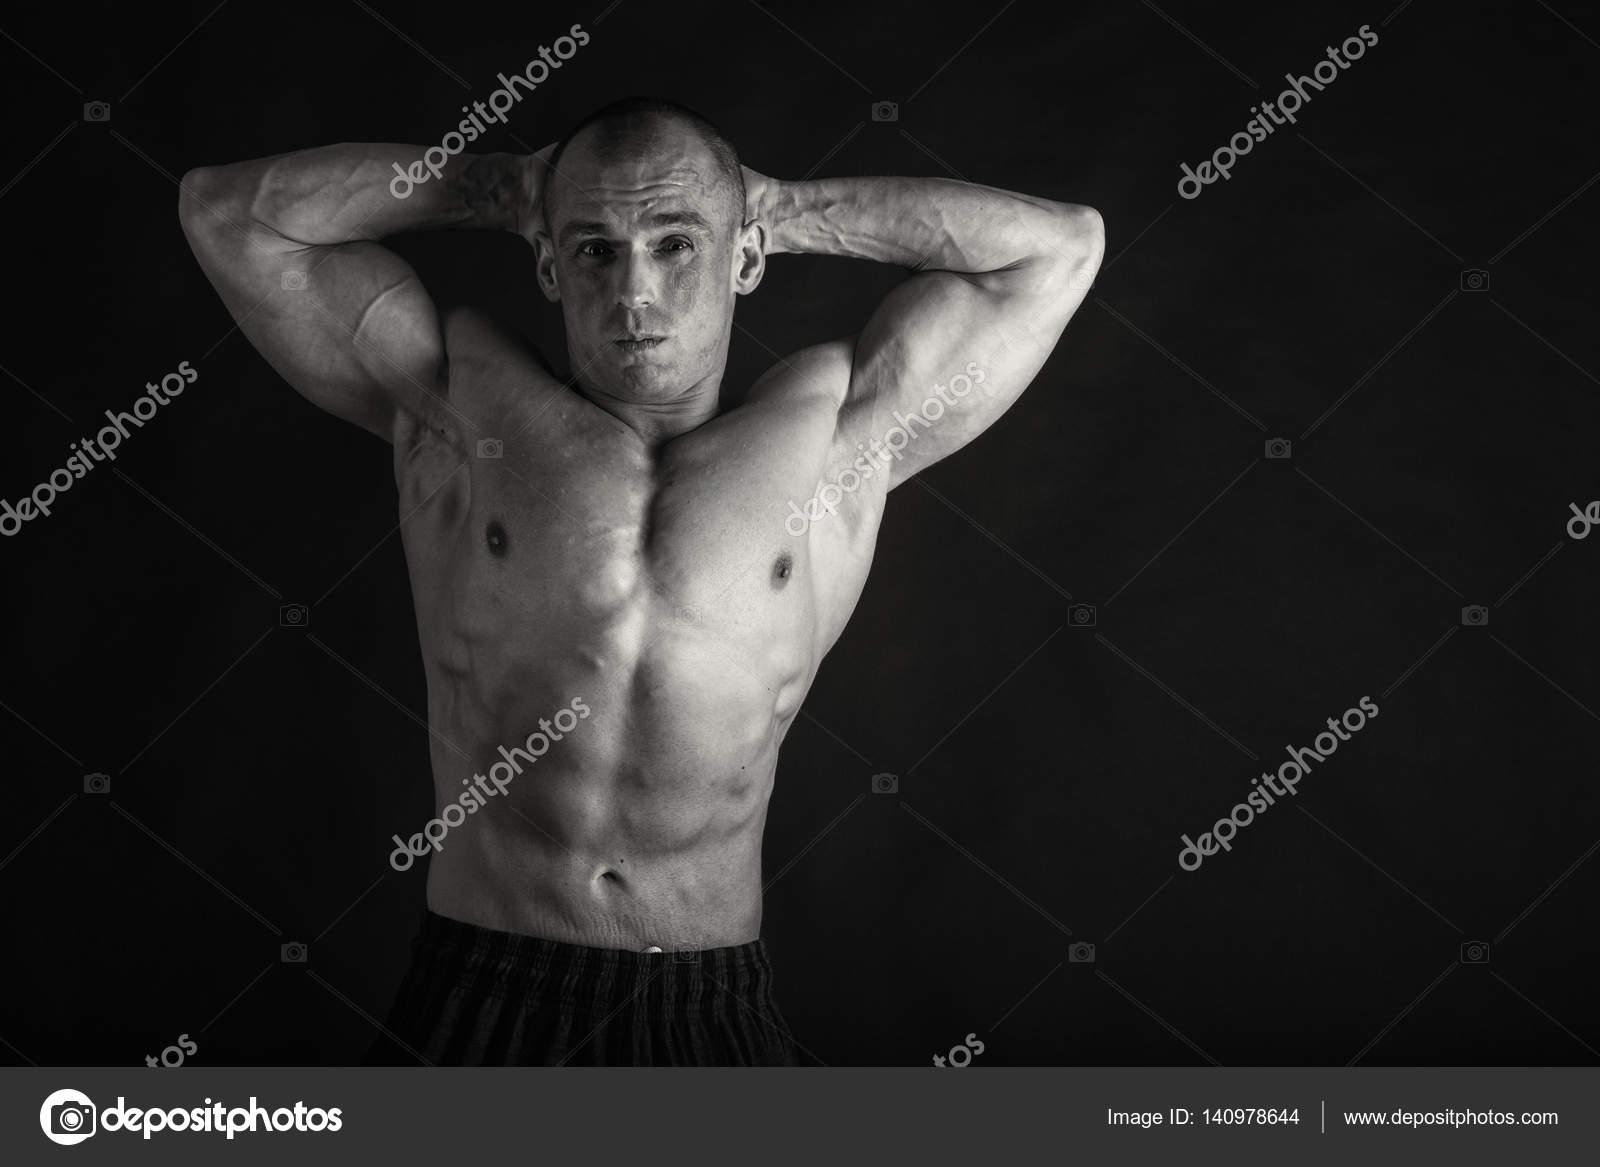 mężczyźni dający kobietom seks oralny